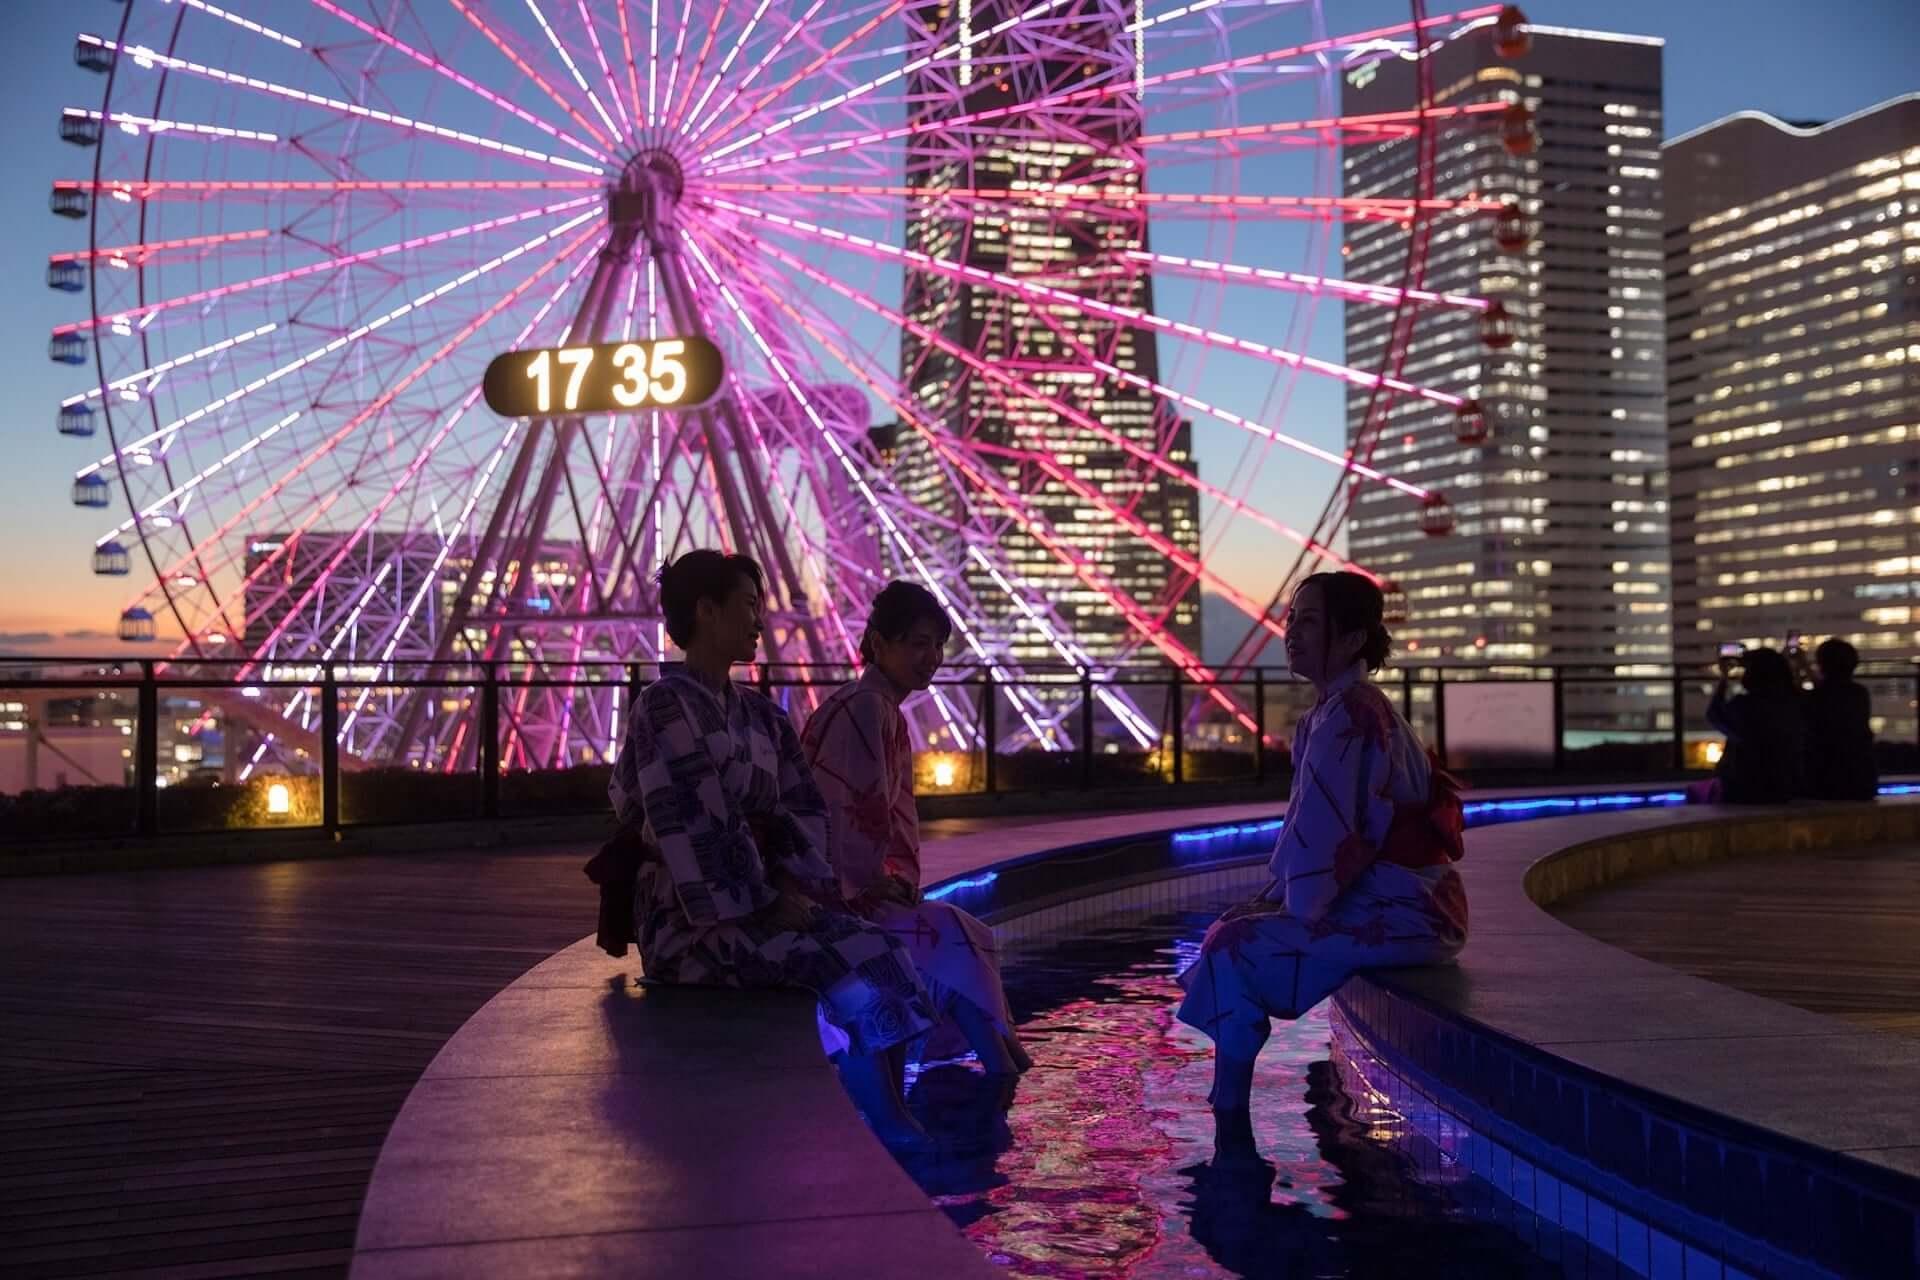 ビアガーデンと温泉を一緒に楽しもう!横浜港を臨むBBQビアガーデンが現在開催中! lifefashion190725beergarden_4-1920x1280